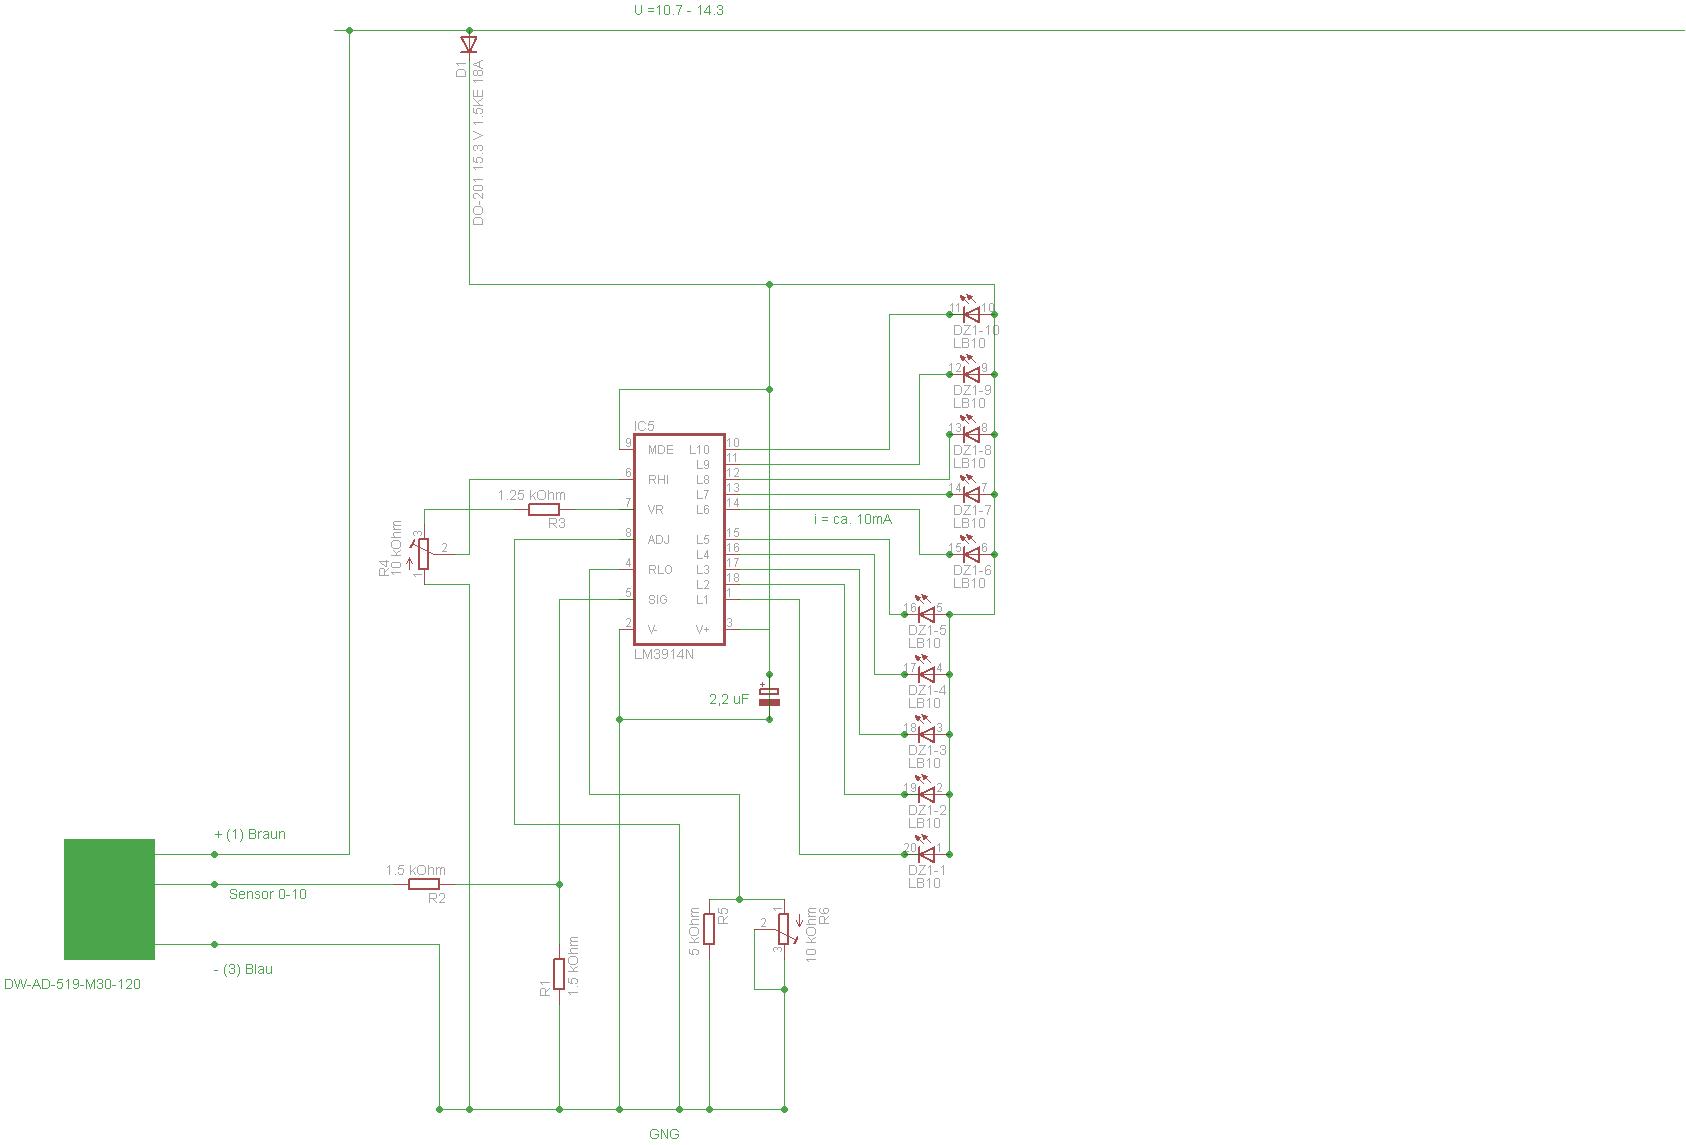 Beste Erster Robotik Schaltplan Bilder - Der Schaltplan - greigo.com